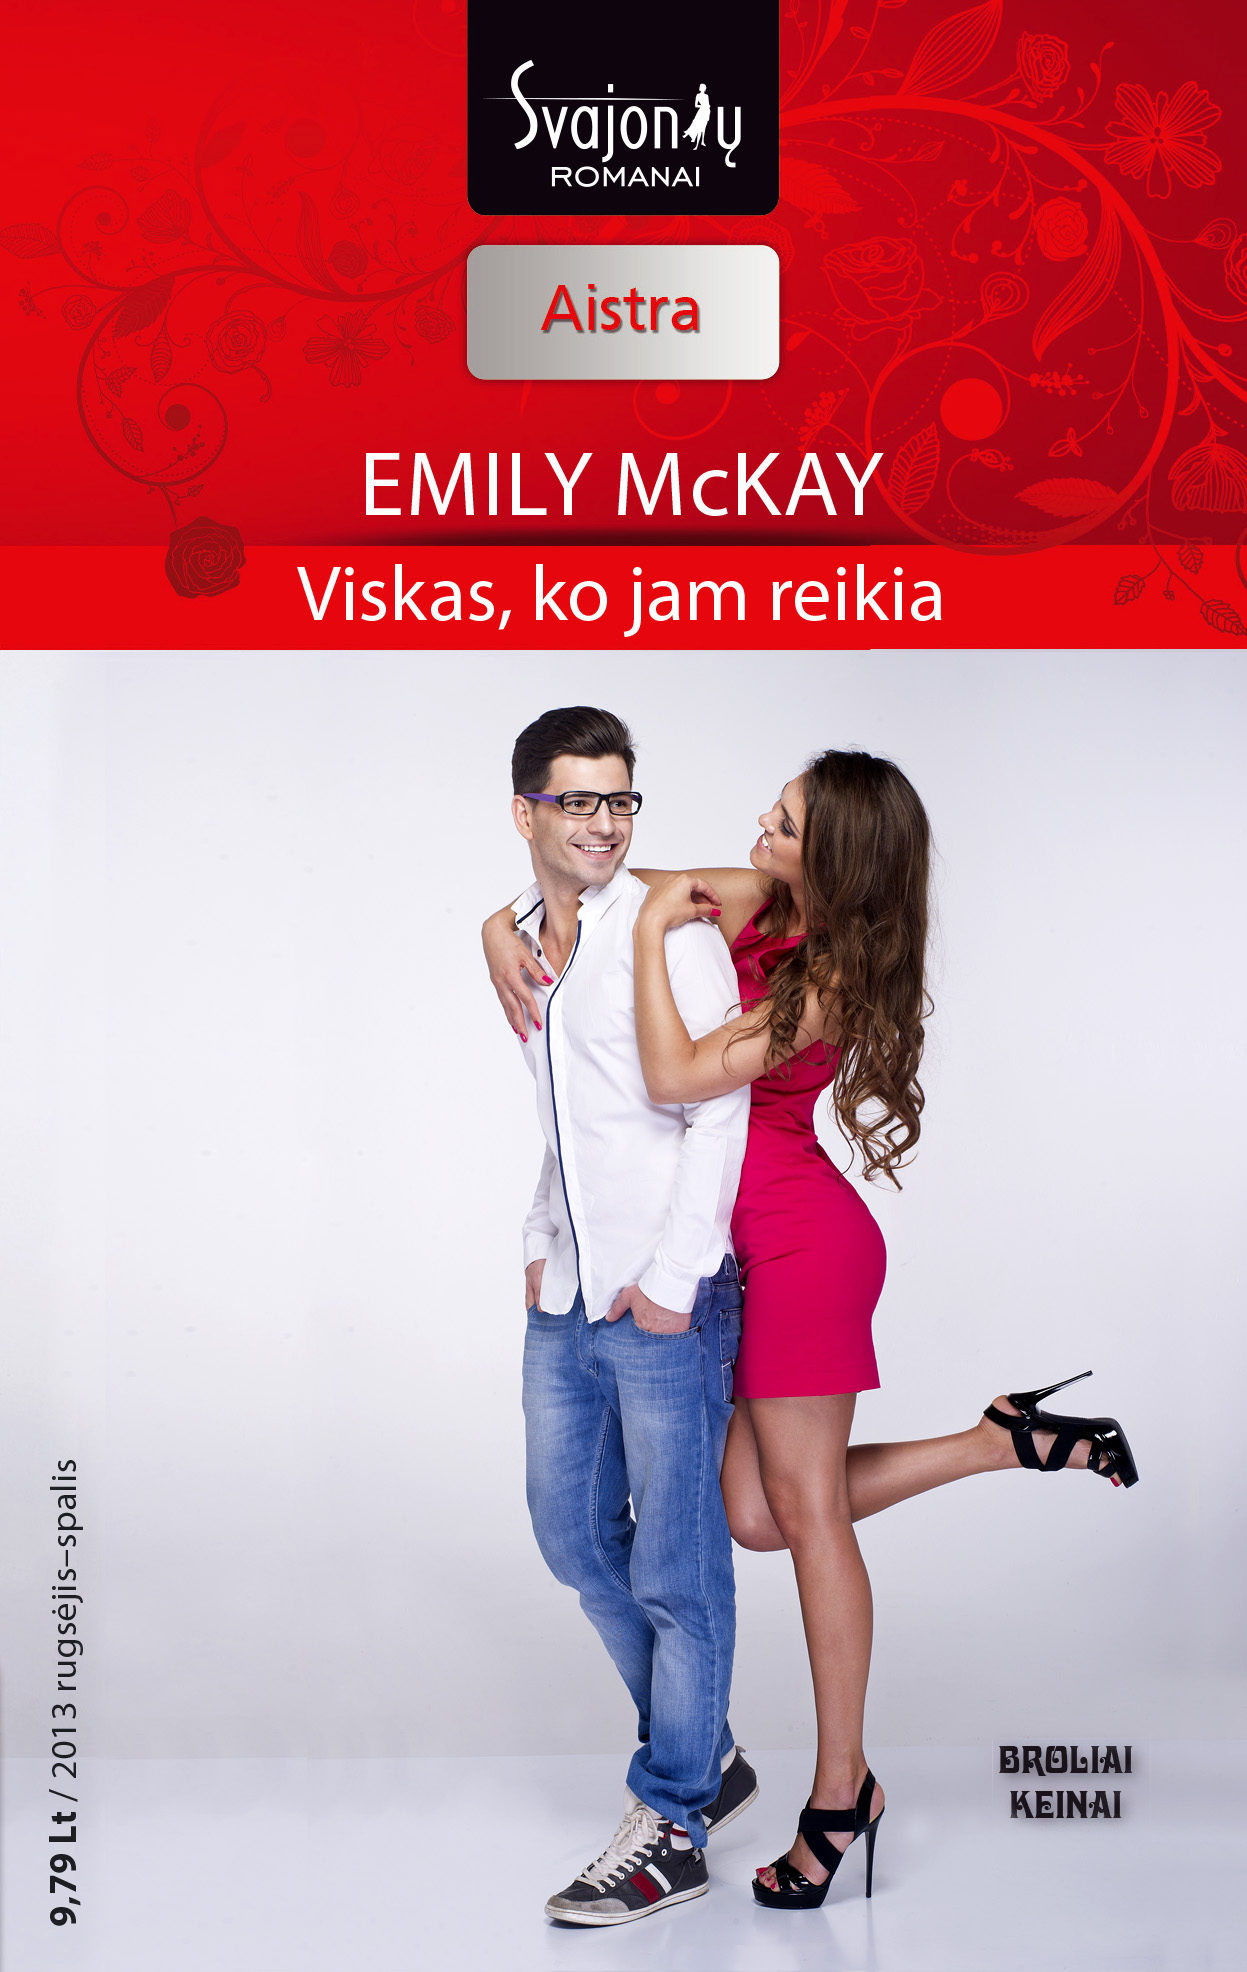 Emily McKay Viskas, ko jam reikia emily mckay viskas ko jam reikia